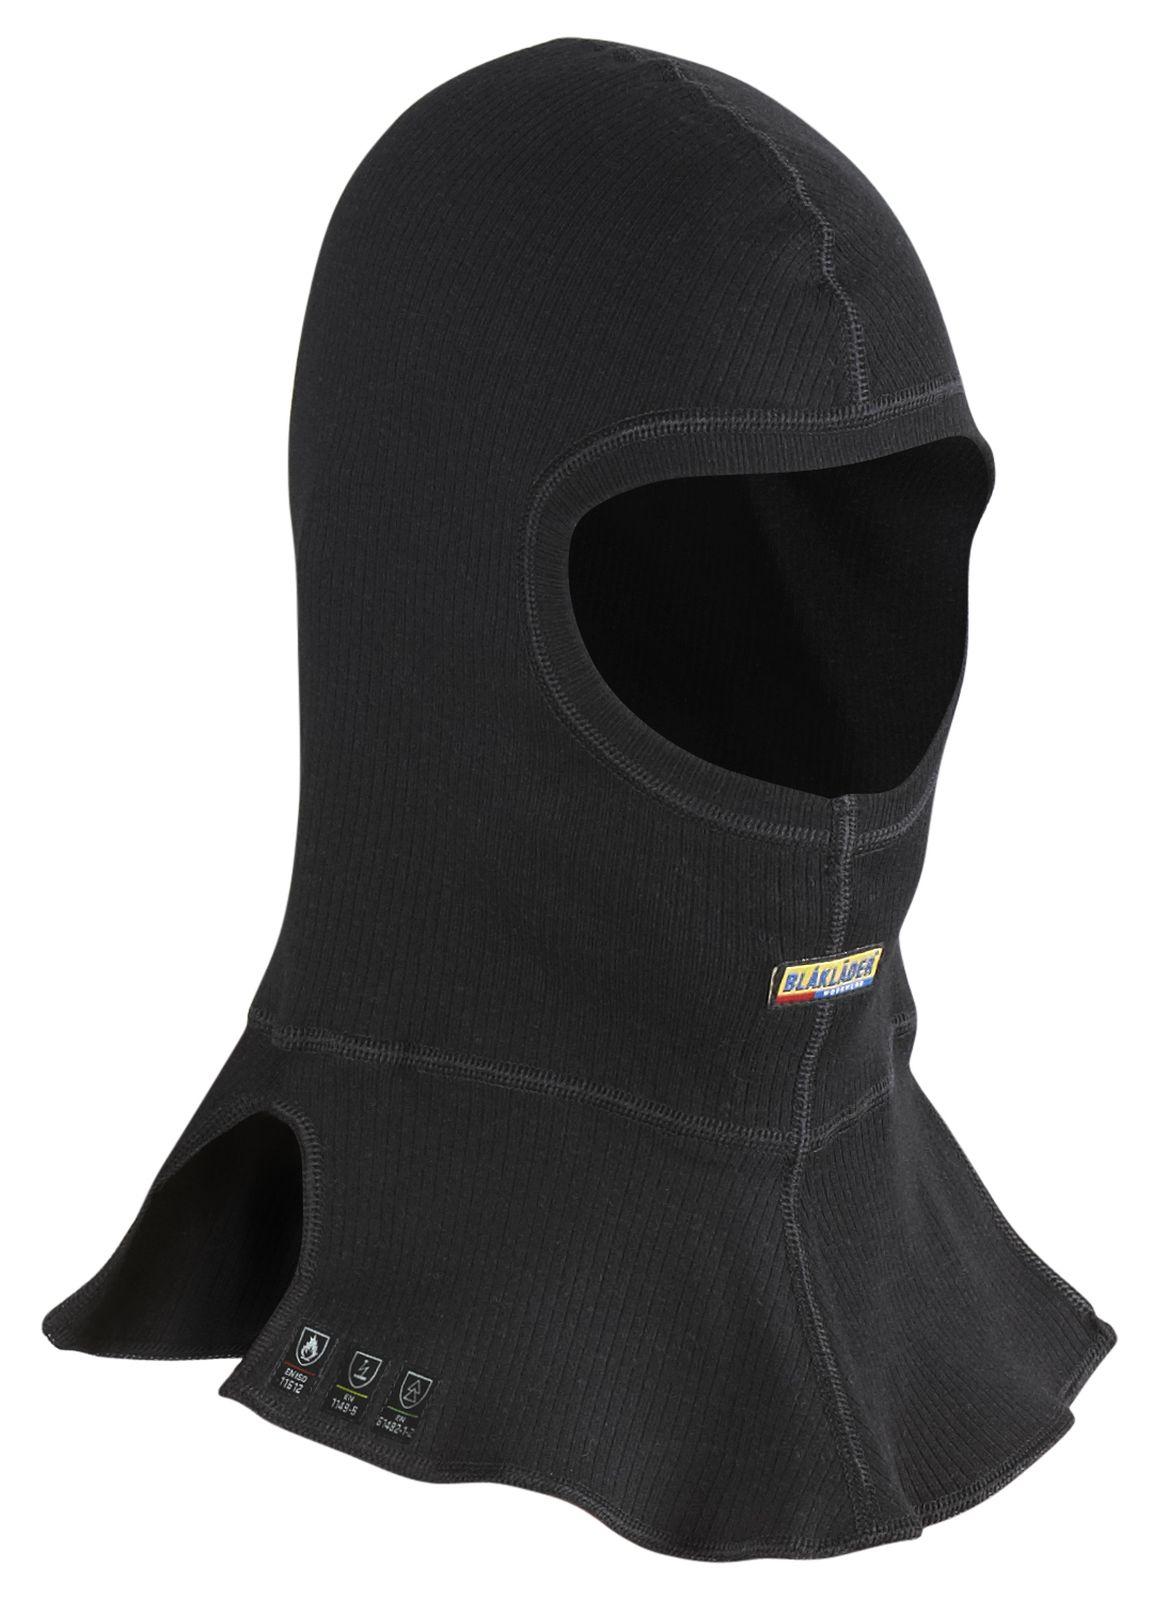 Blaklader Mutsen 20381725 Vlamvertragend zwart(9900)